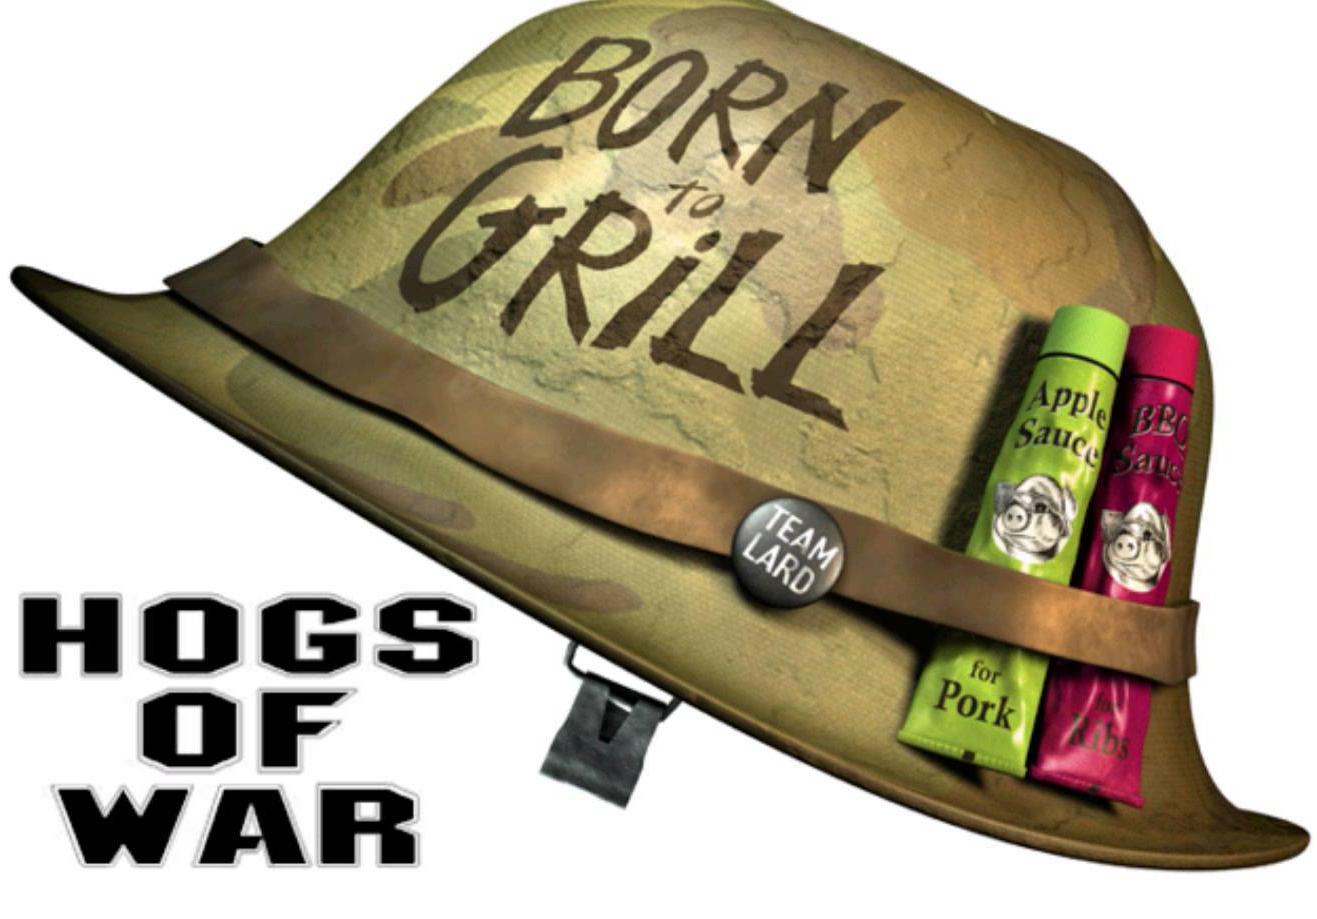 hogs-of-war.jpg